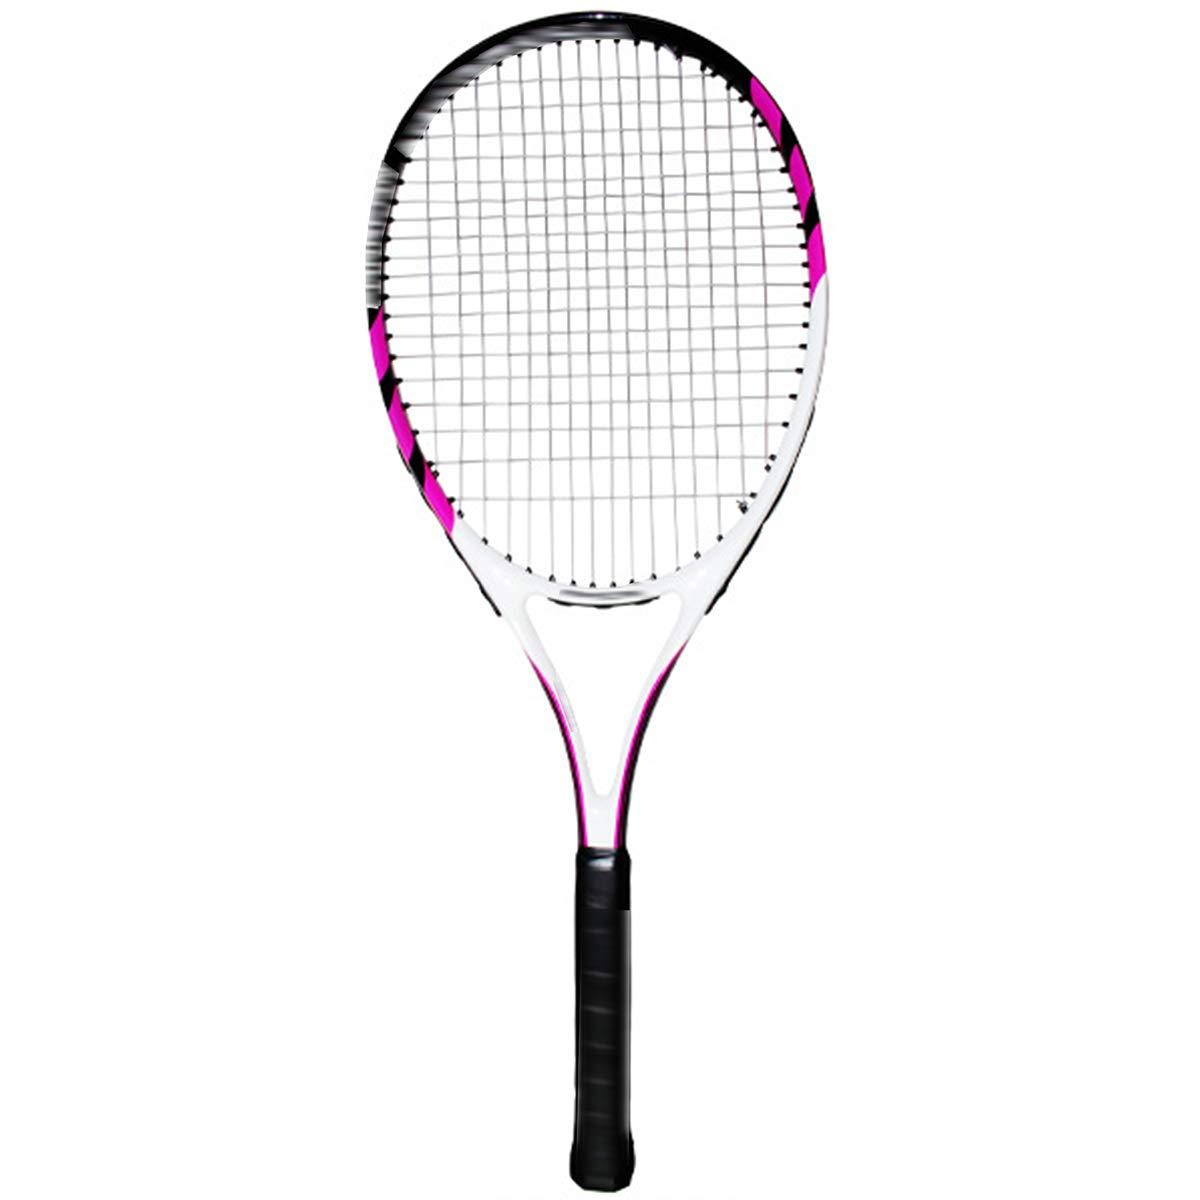 Raquette De Tennis Professionnelle De Haute Qualité Résistante à L'usure Et Résistante Aux Unisexes Ultra Légère Mono-coup En Composite De Carbone